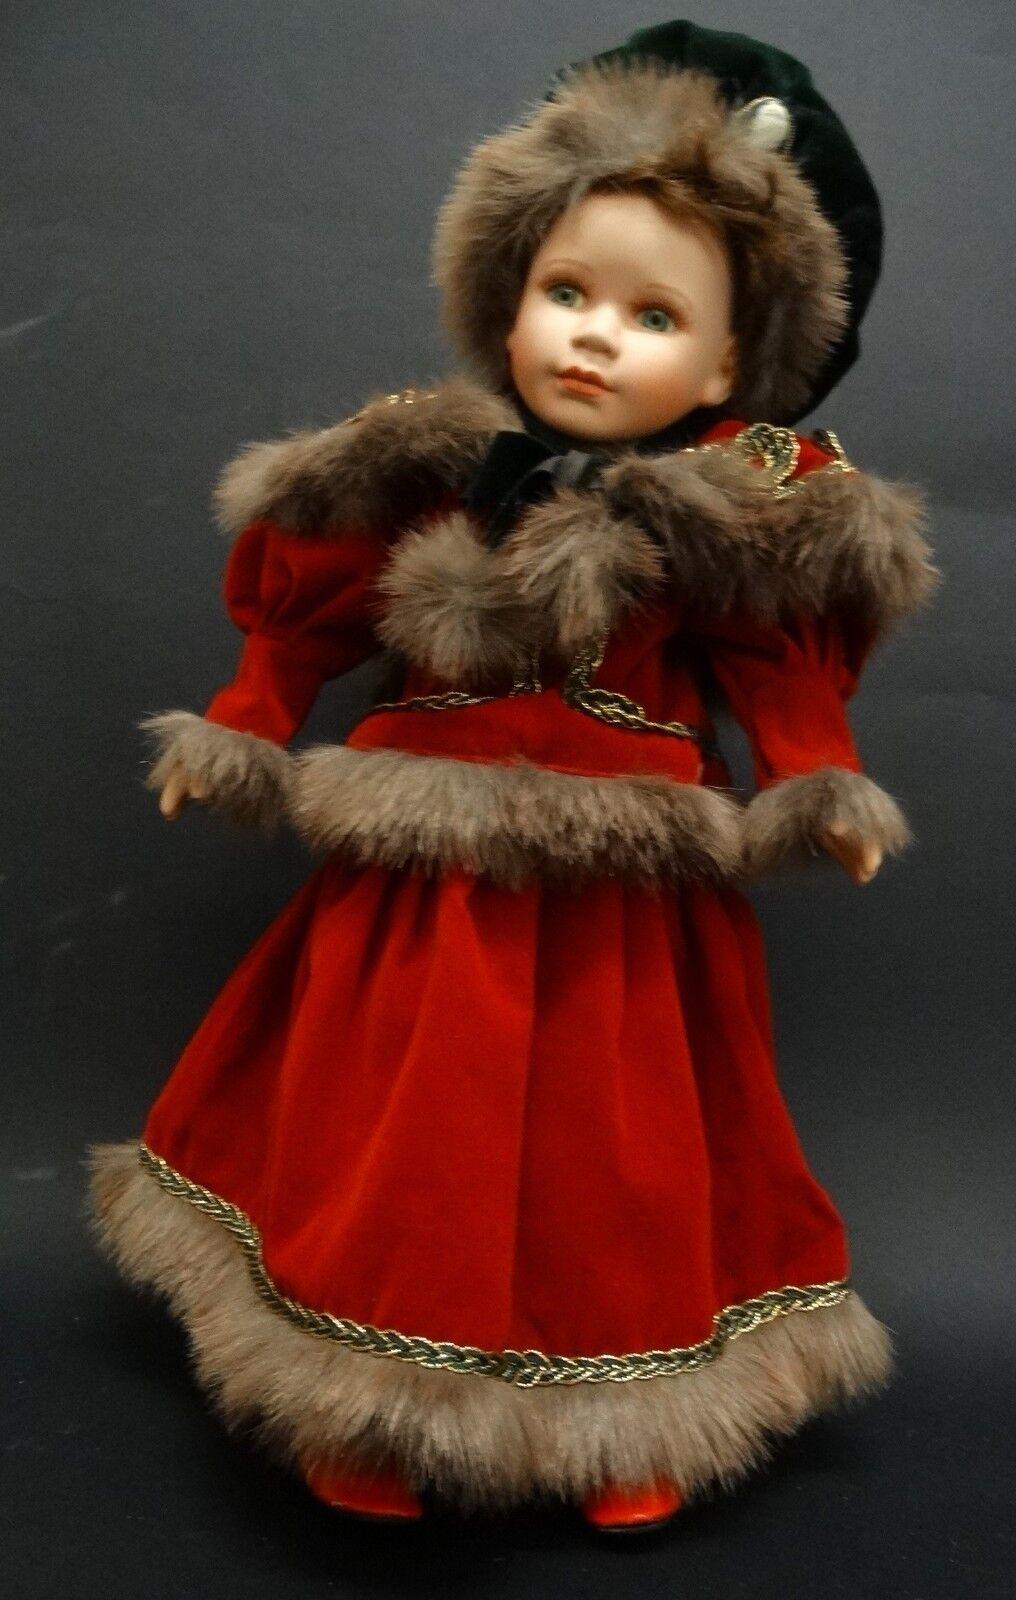 BAMBOLA ANTICA porcellana ABITO Russia EPOCA collezione H42cm vestito rojo